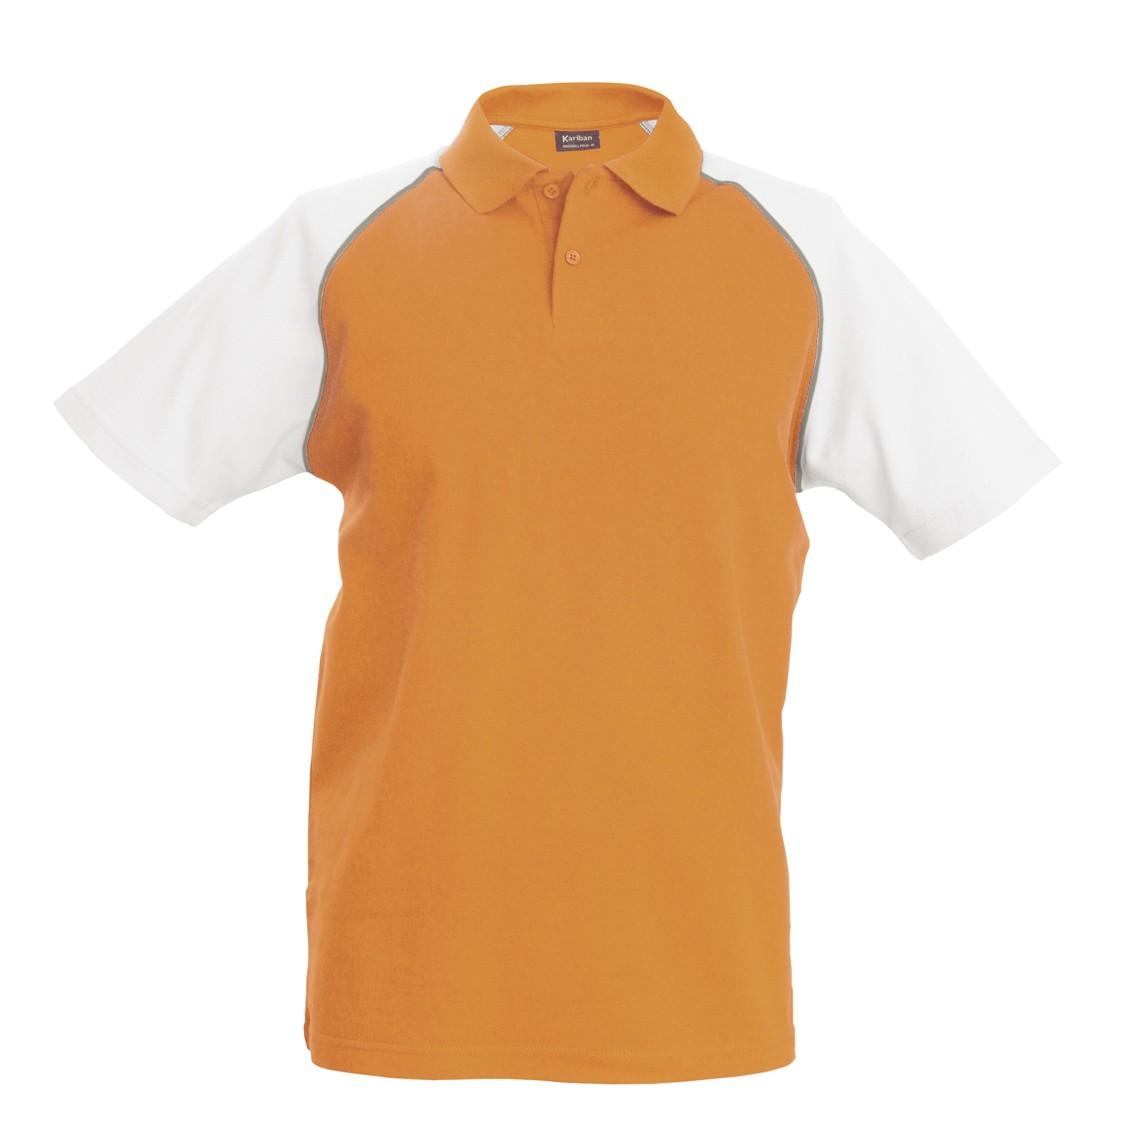 K226 Orange - White